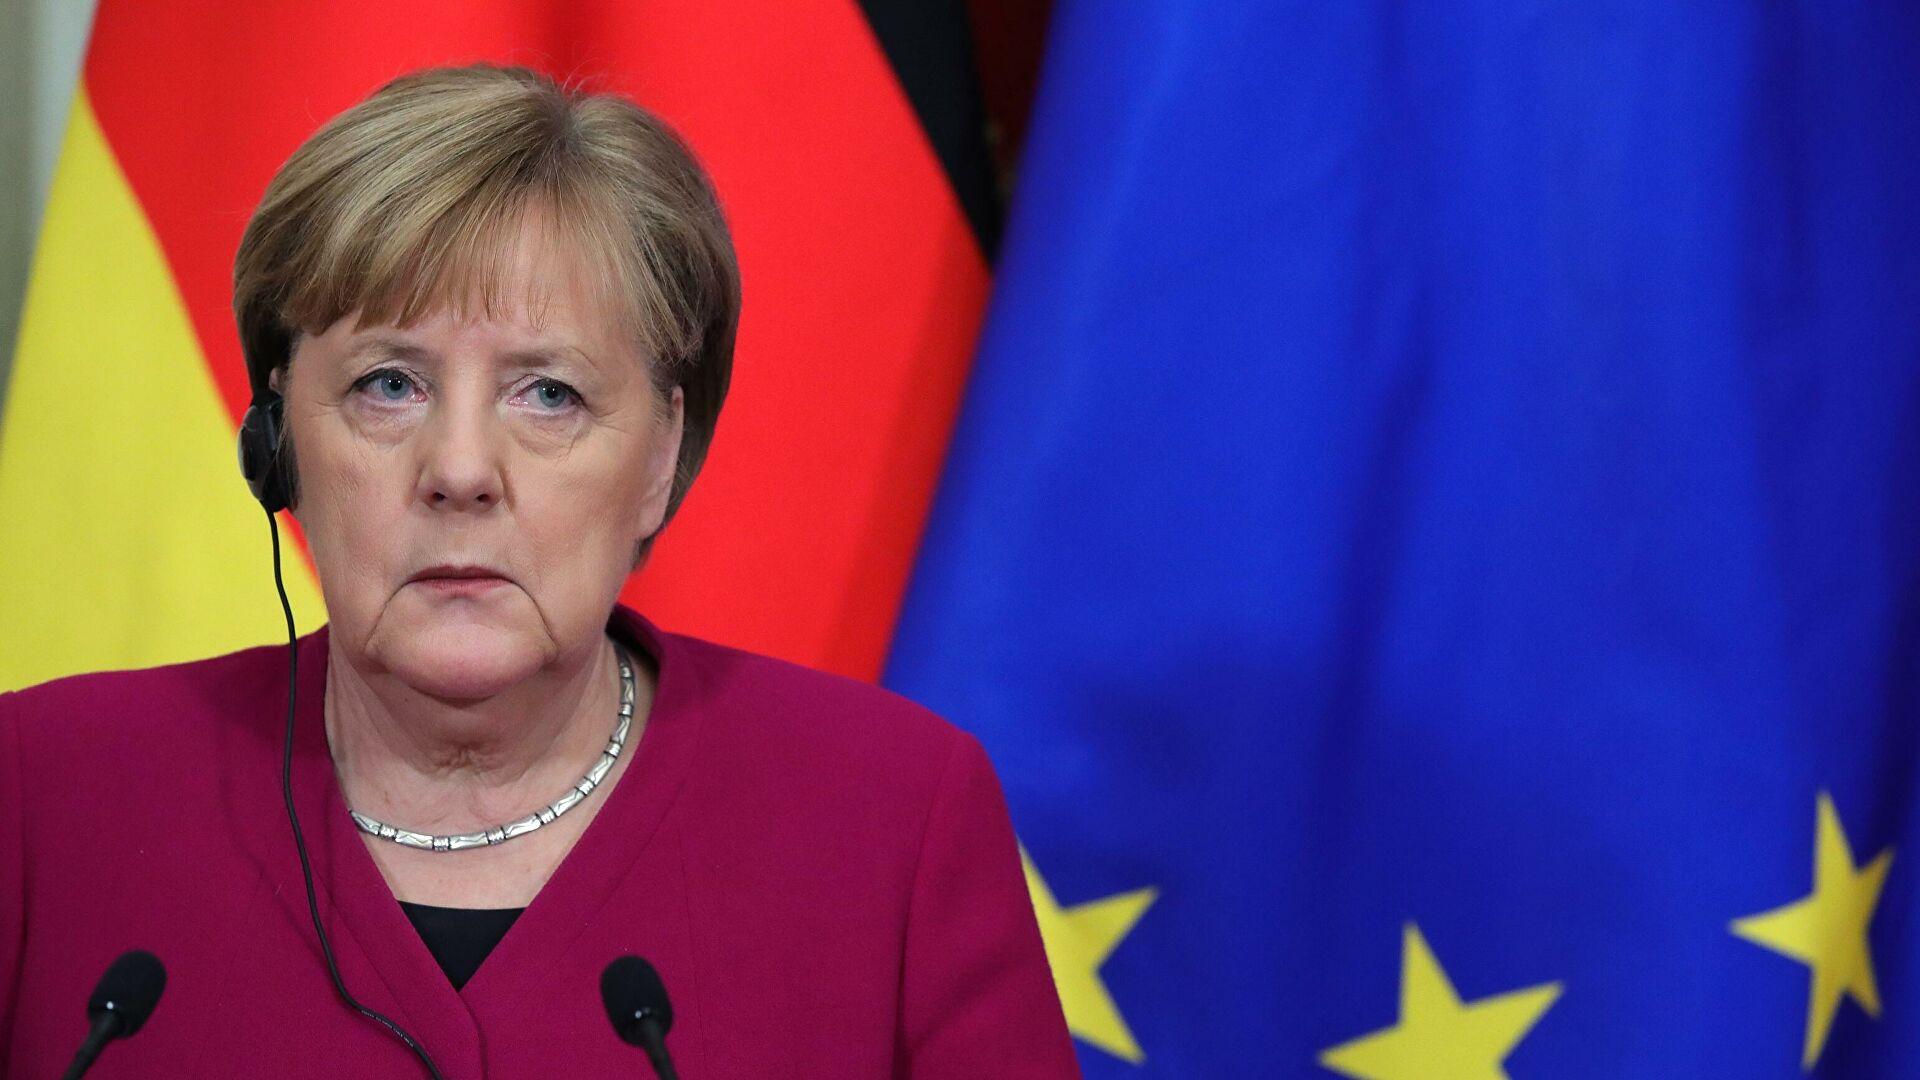 Merkelova pozvala na prekind borbenih dejstva i obnovi pregovora u Nagorno Karabahu